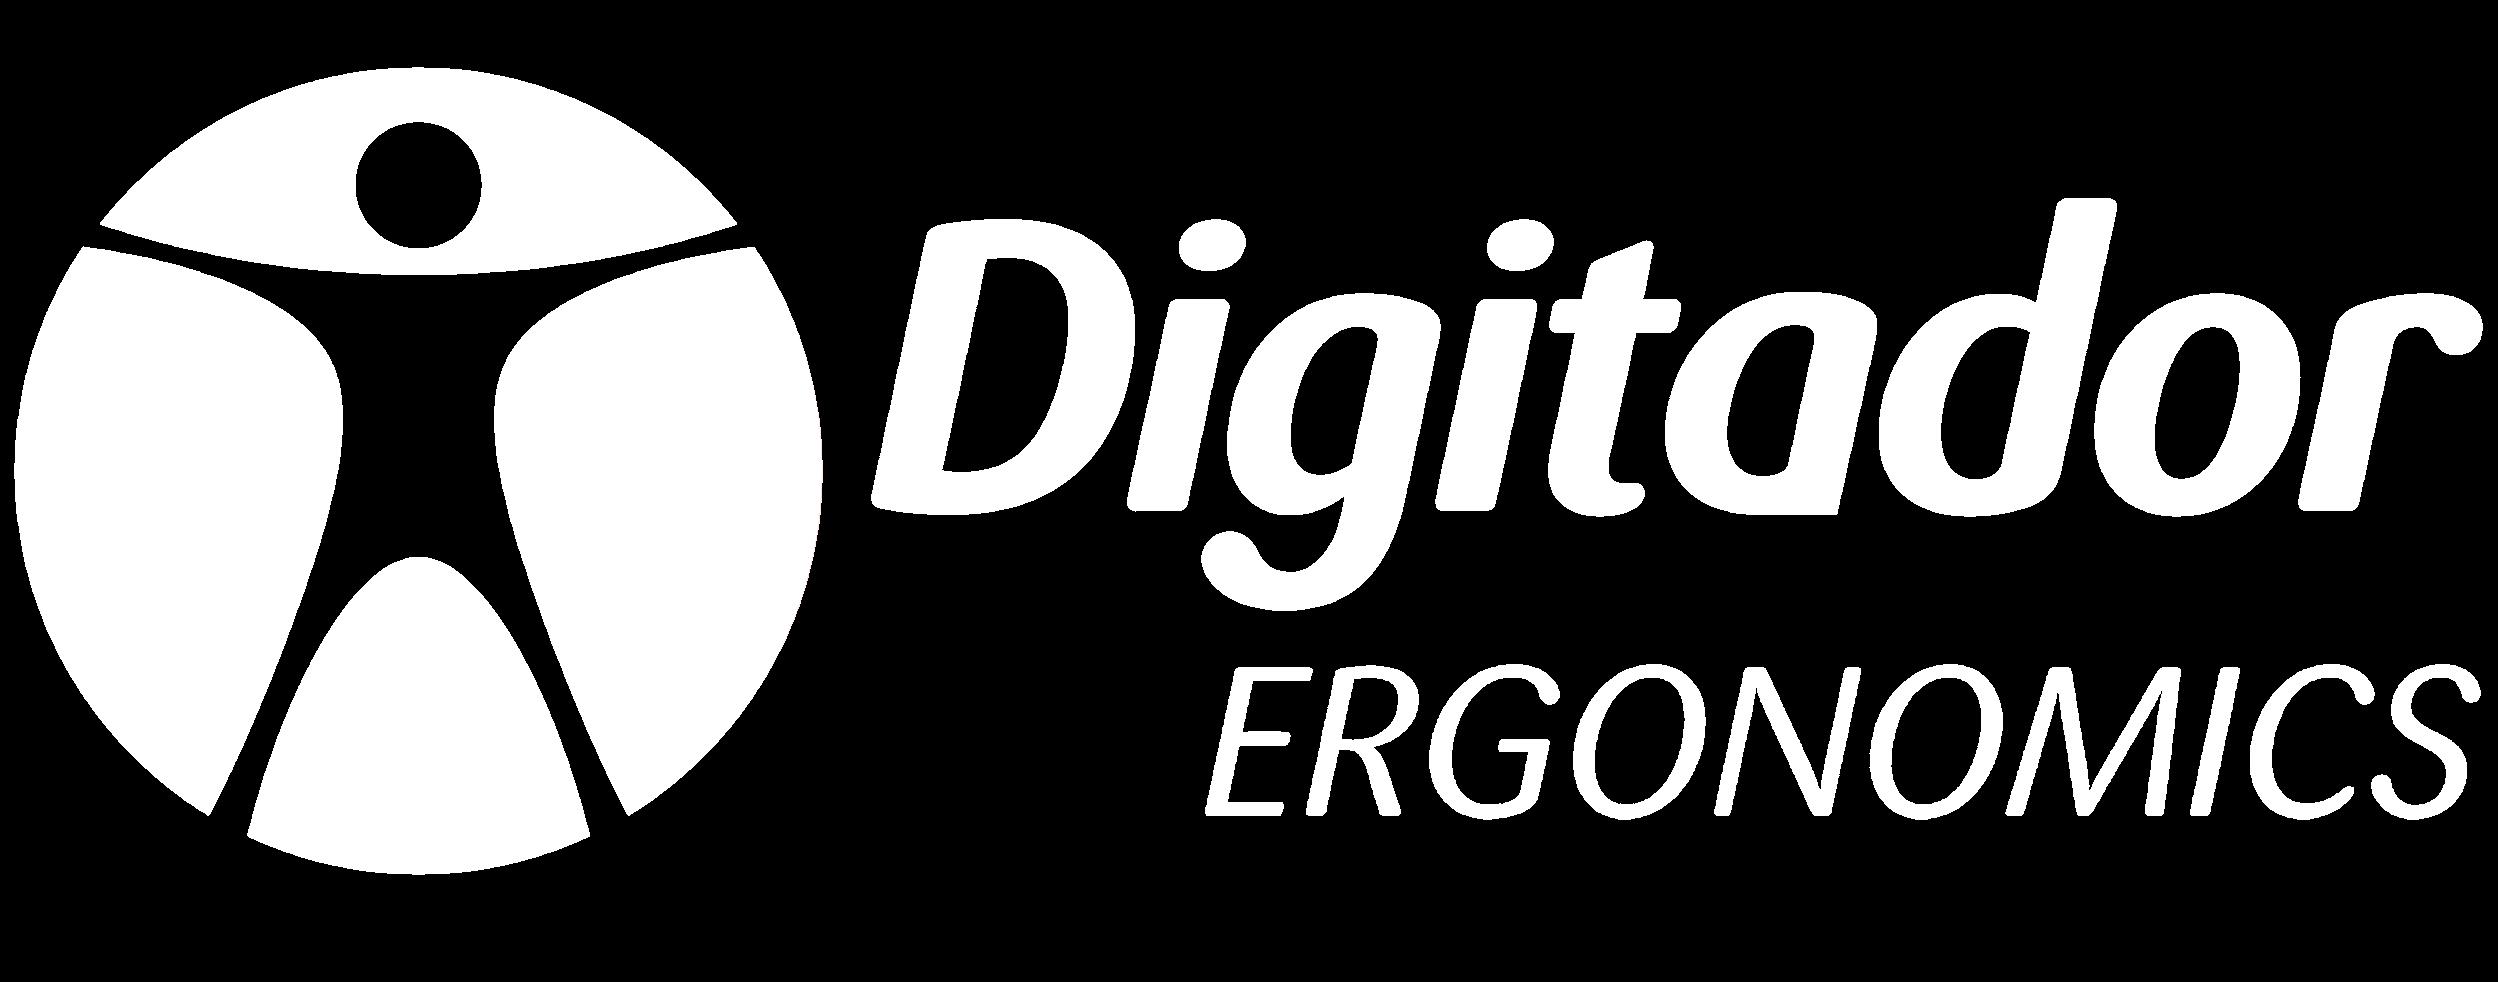 Tienda Online Digitador Ergonomics